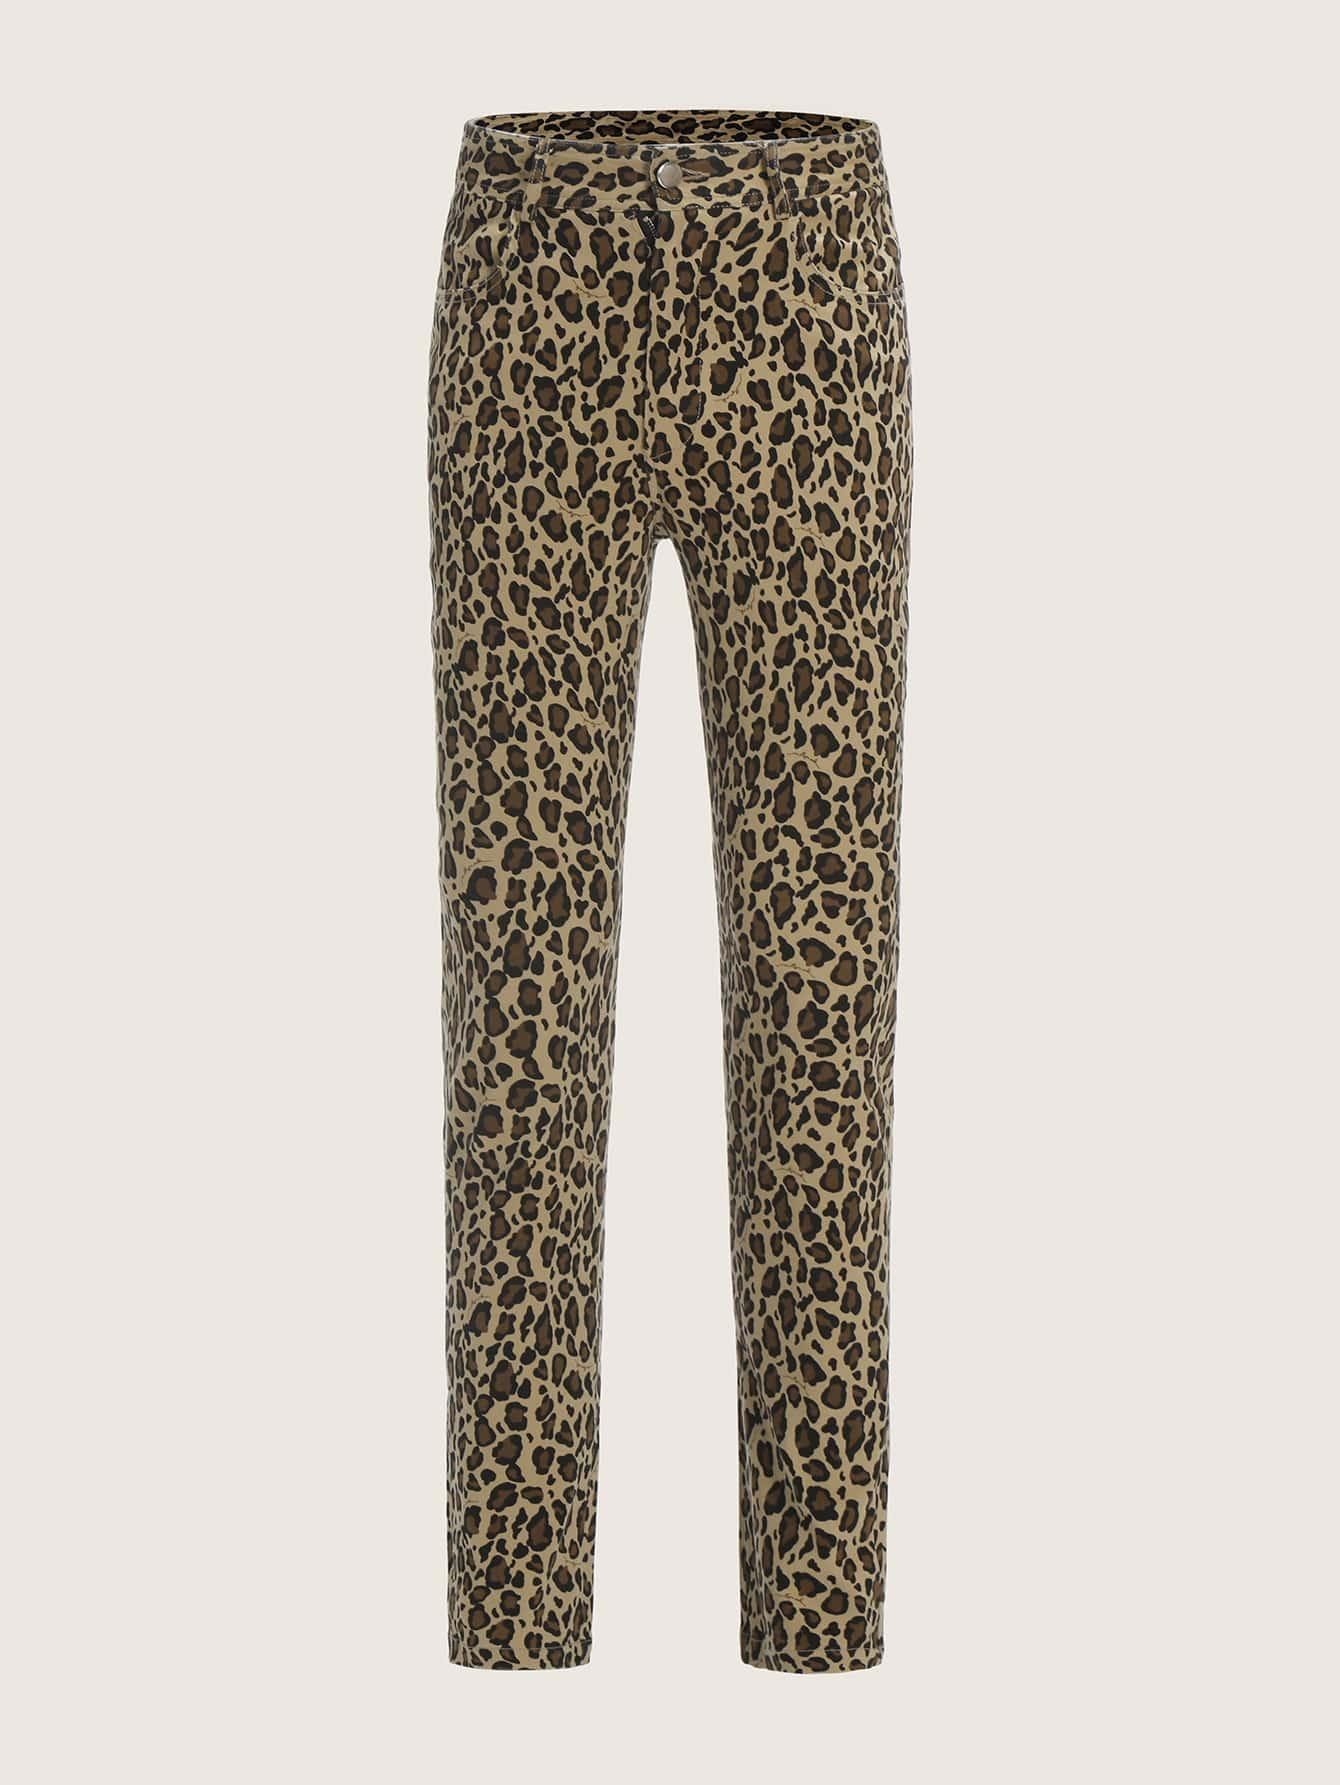 Купить Мужские леопардовые брюки с карманом, null, SheIn